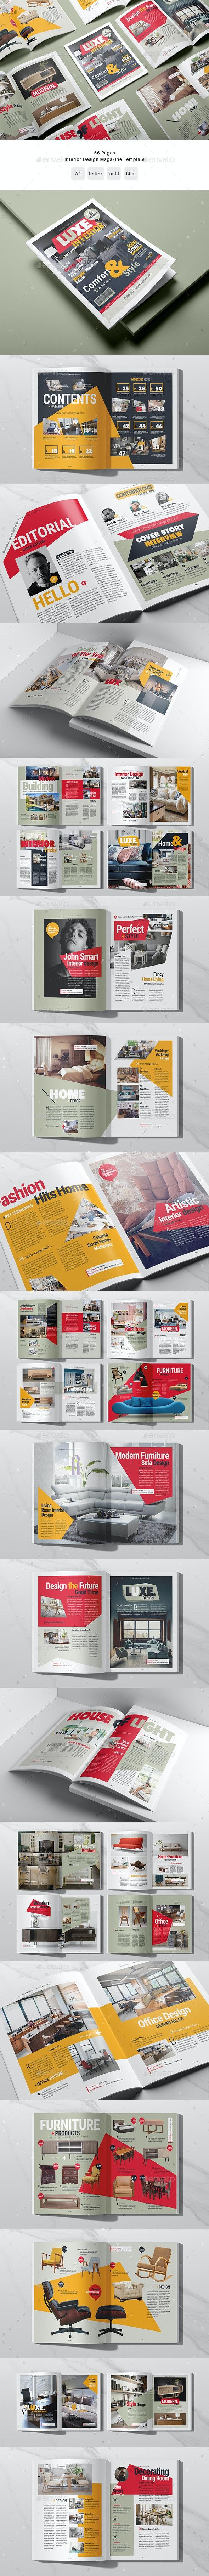 Furniture / Interior Design Magazine - Magazines Print Templates